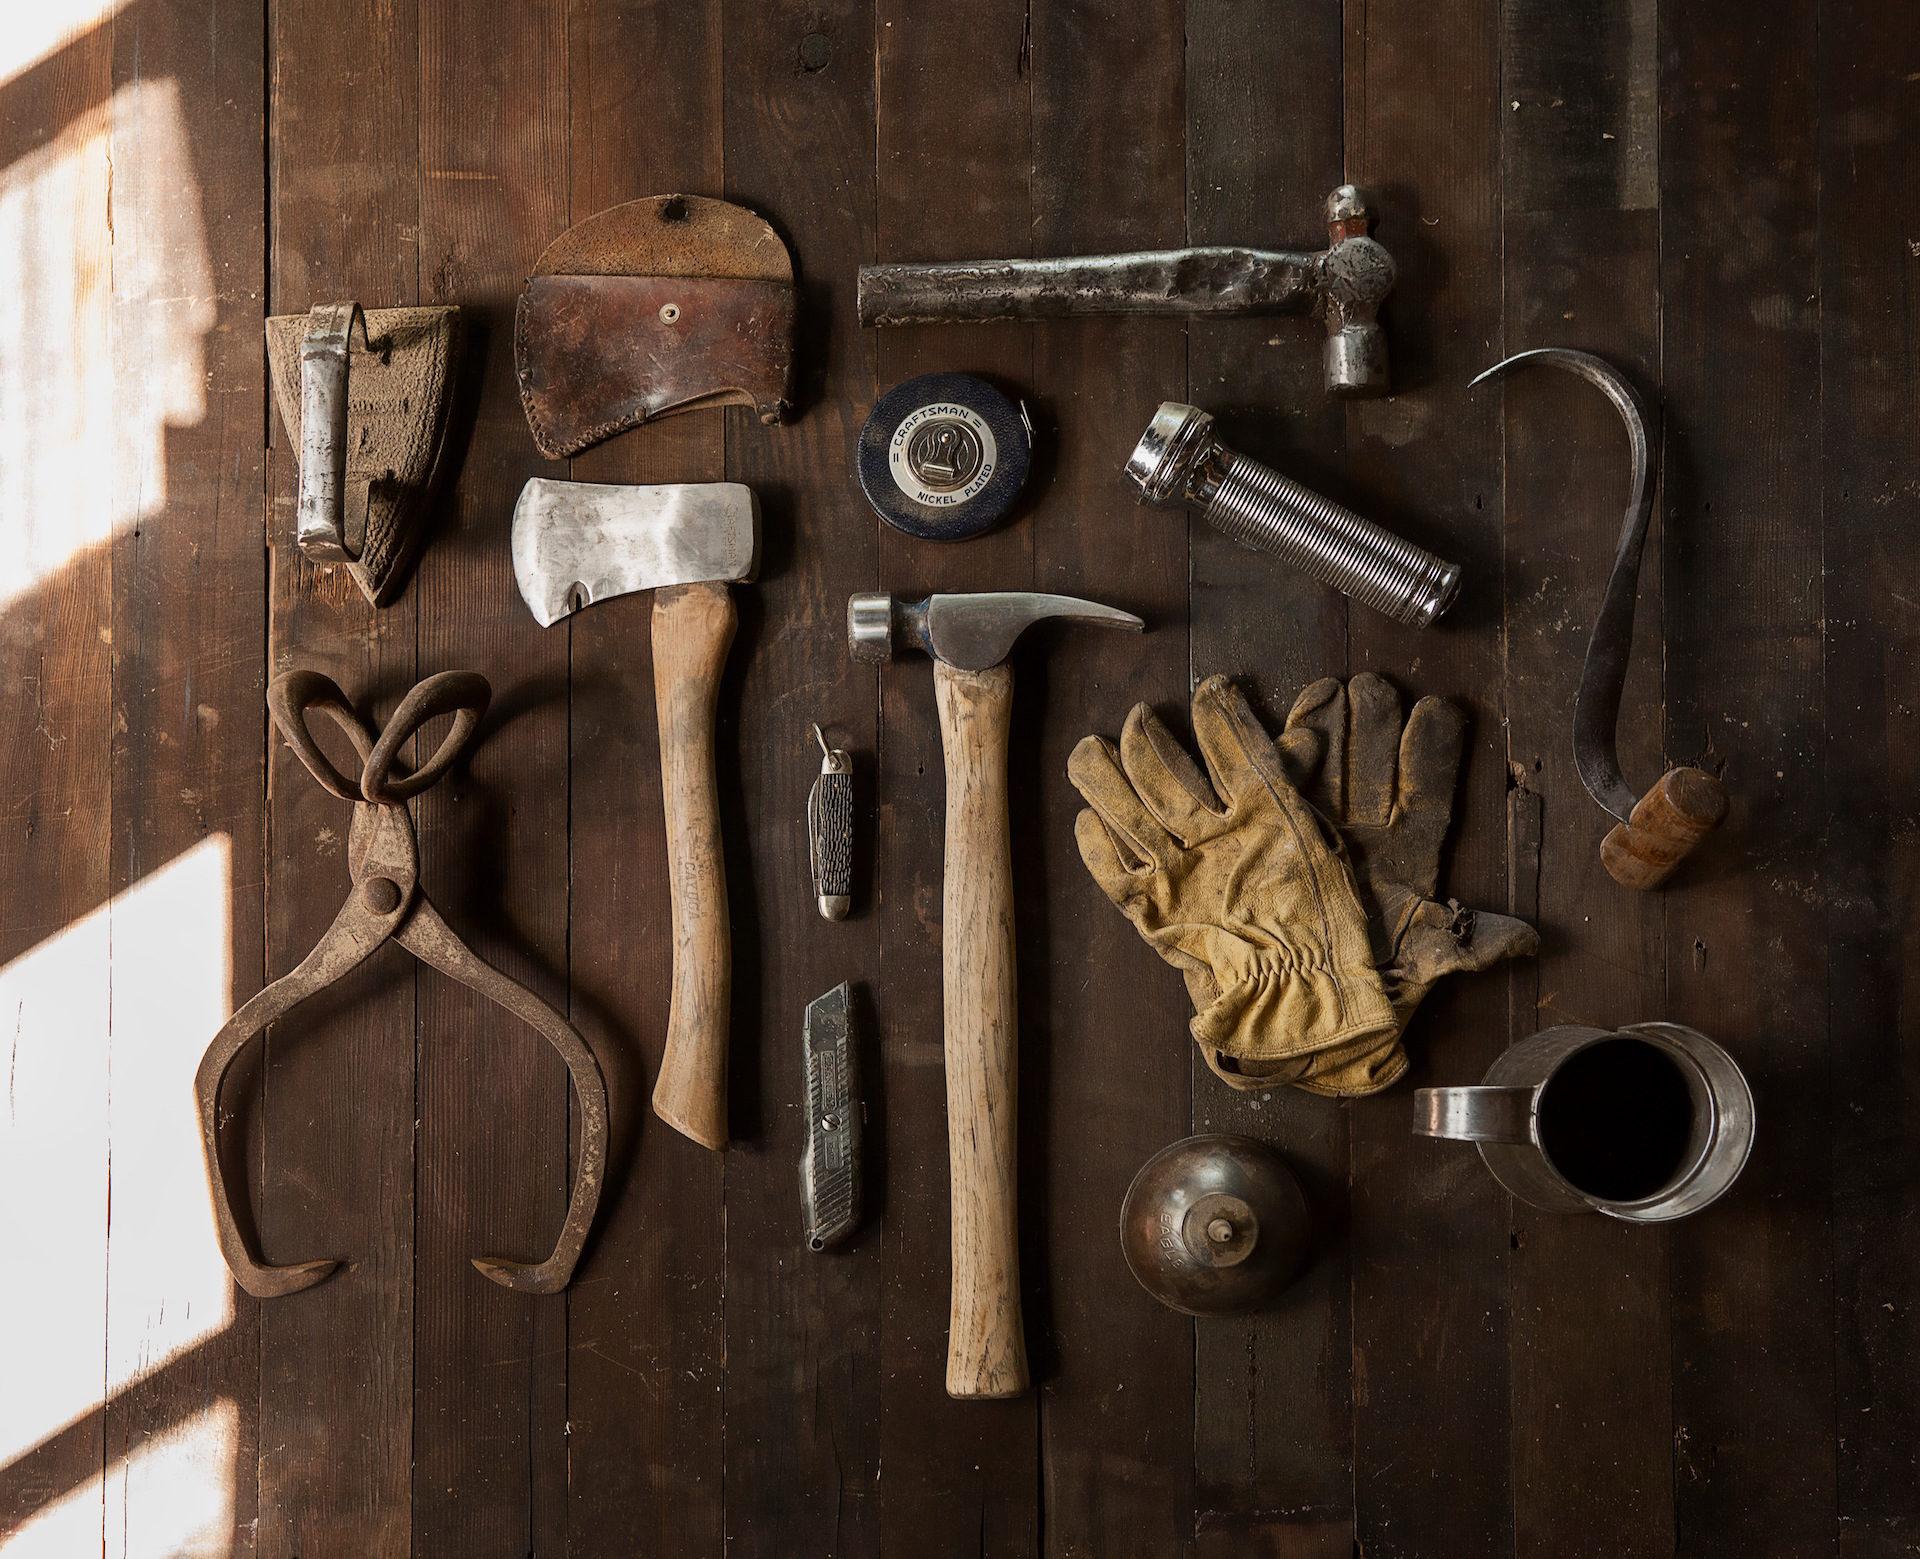 Εργαλεία, σκεύη, γάντια, τσεκούρι, Σφυρί - Wallpapers HD - Professor-falken.com